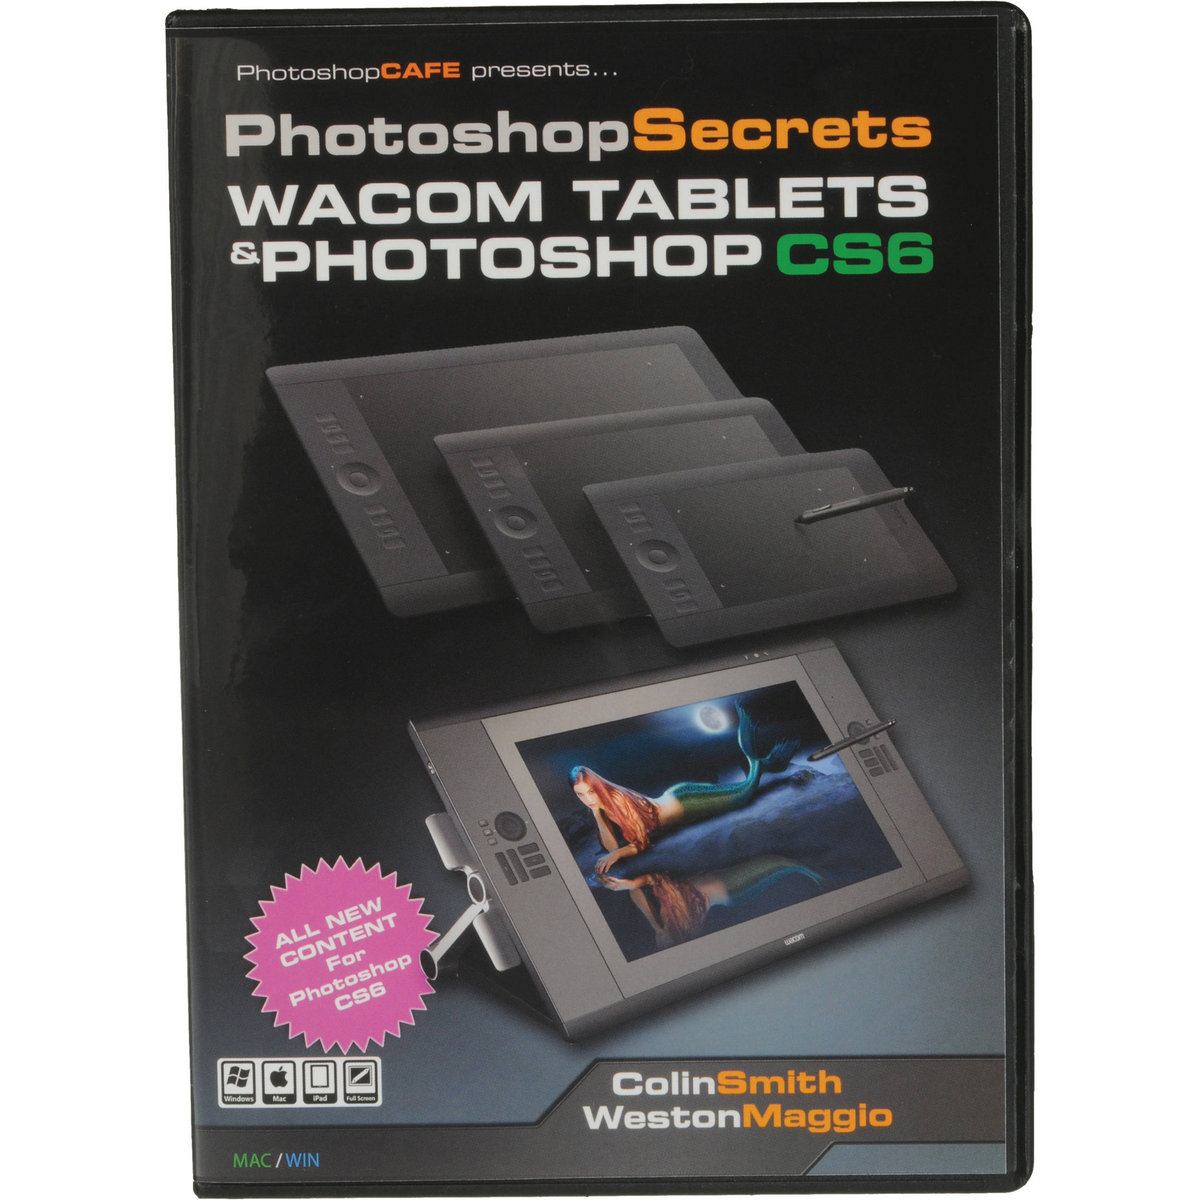 photoshop cs6 torrent download 64 bit